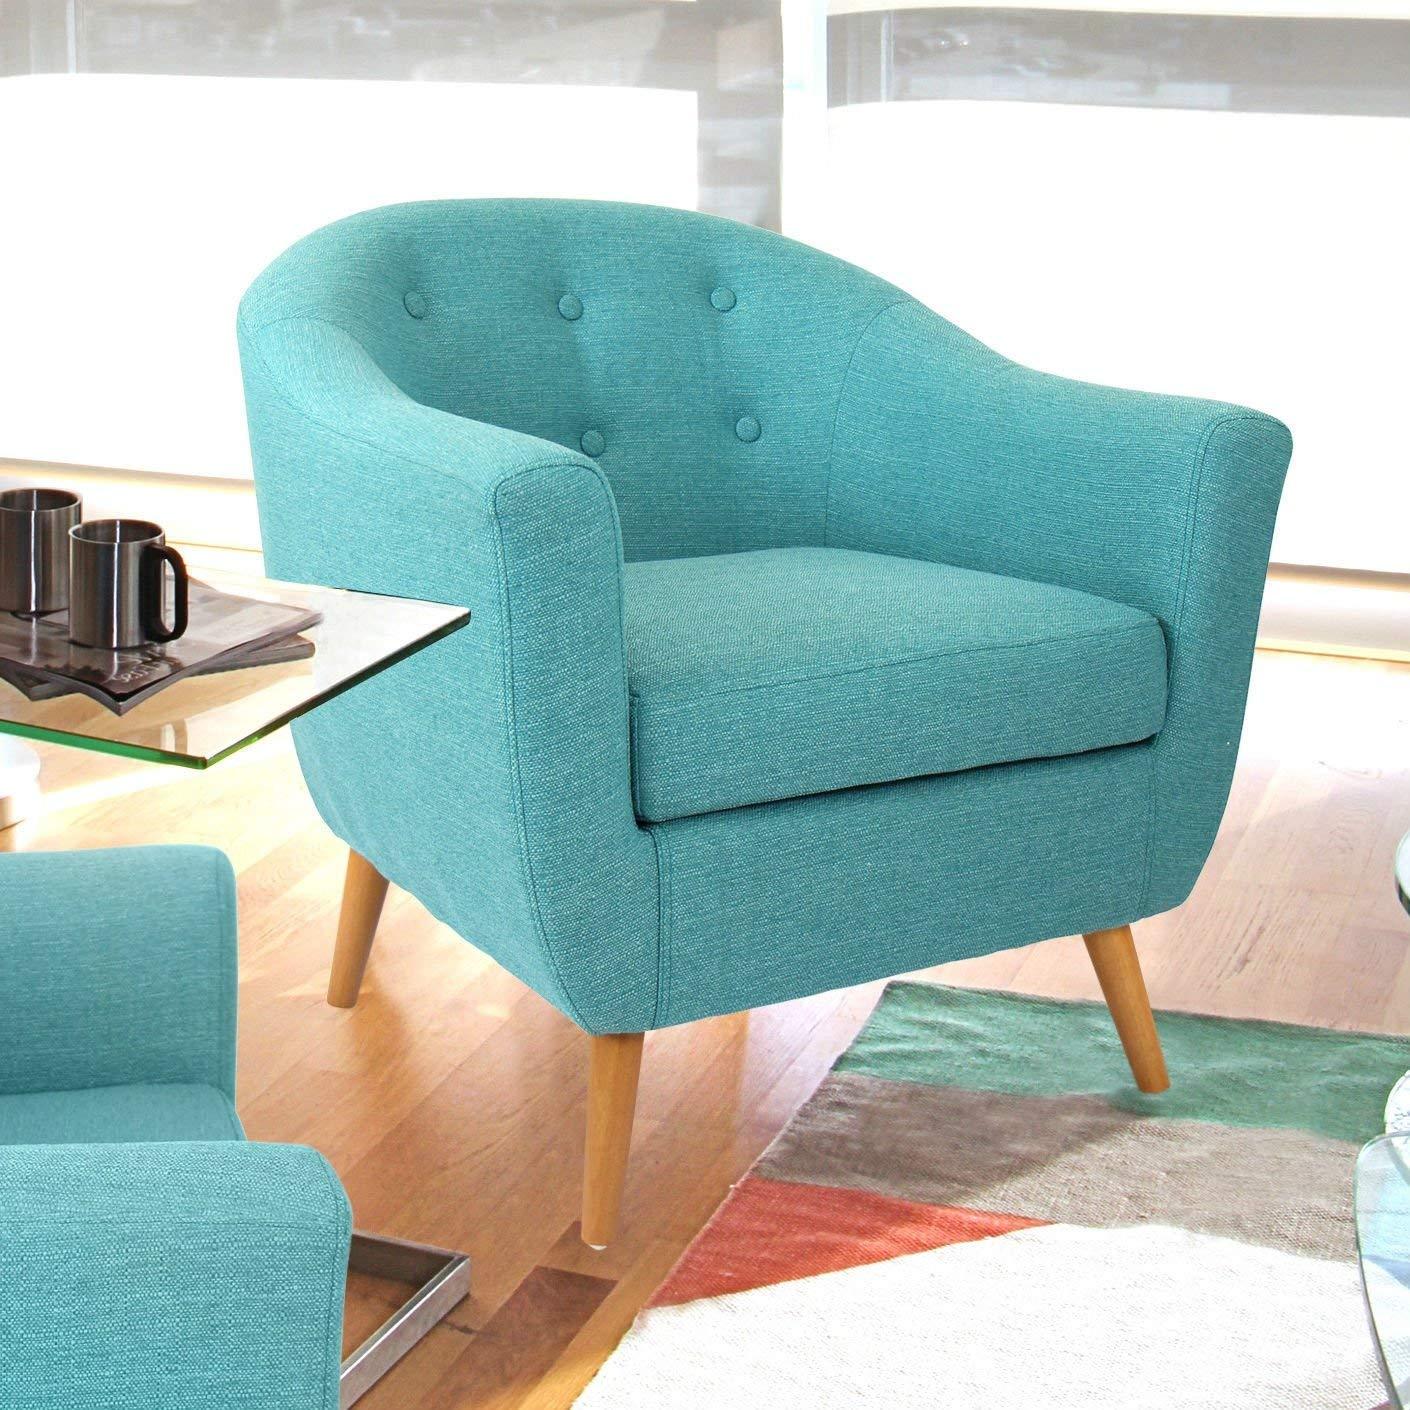 Brilliant Cheap Mid Century Modern Chair Legs Find Mid Century Modern Inzonedesignstudio Interior Chair Design Inzonedesignstudiocom